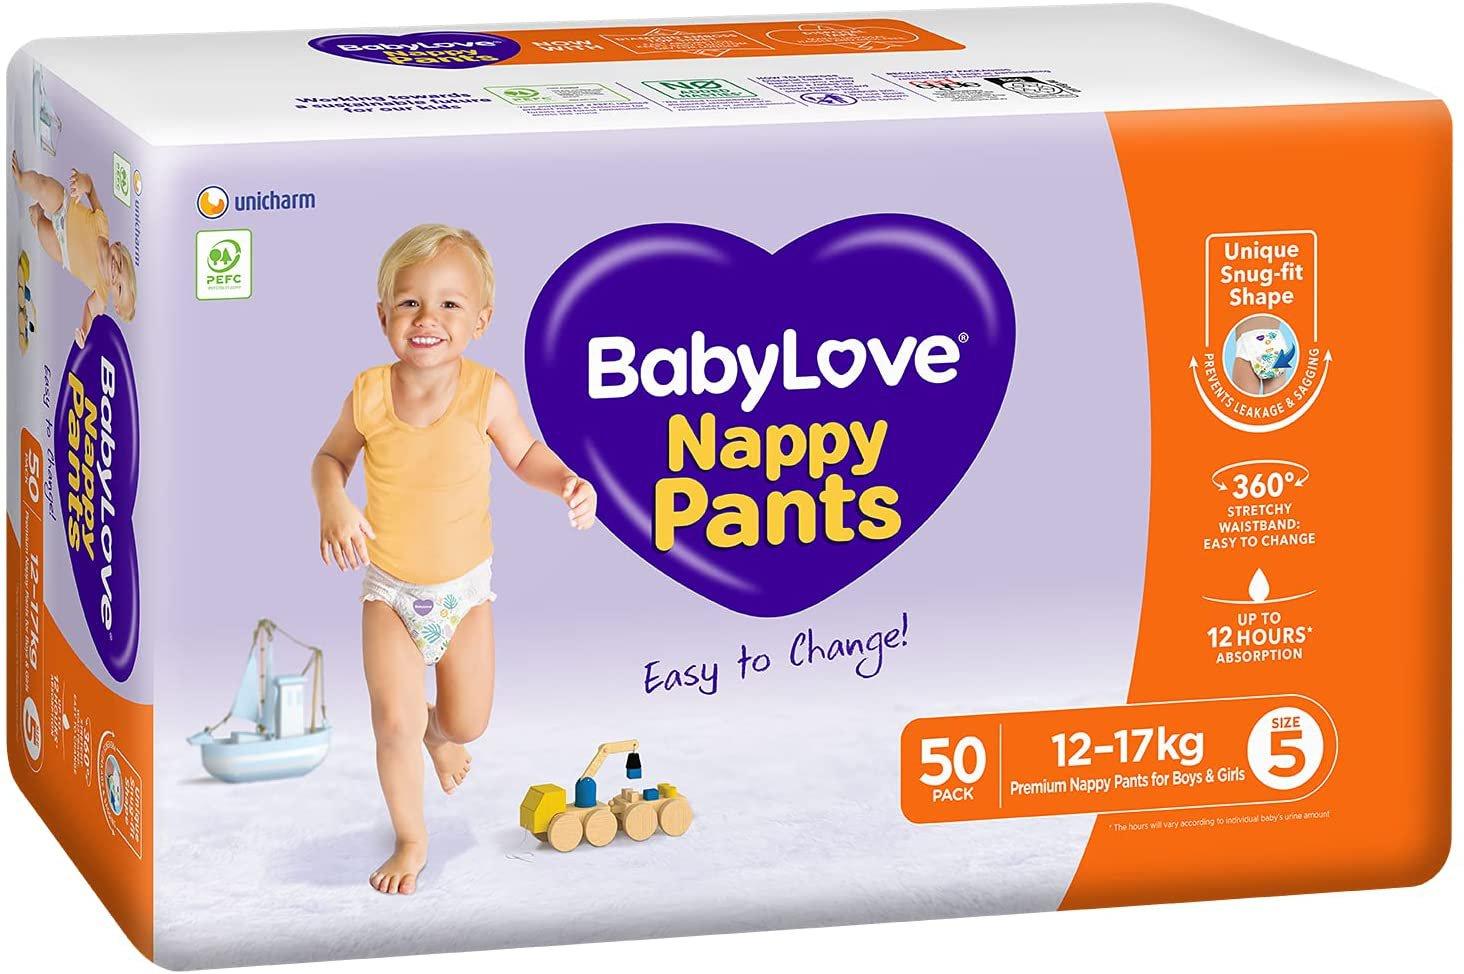 AU BabyLove Premium Nappy Pants, Size 5 (12-17kg), 100 Nappies (2x 50 pack)